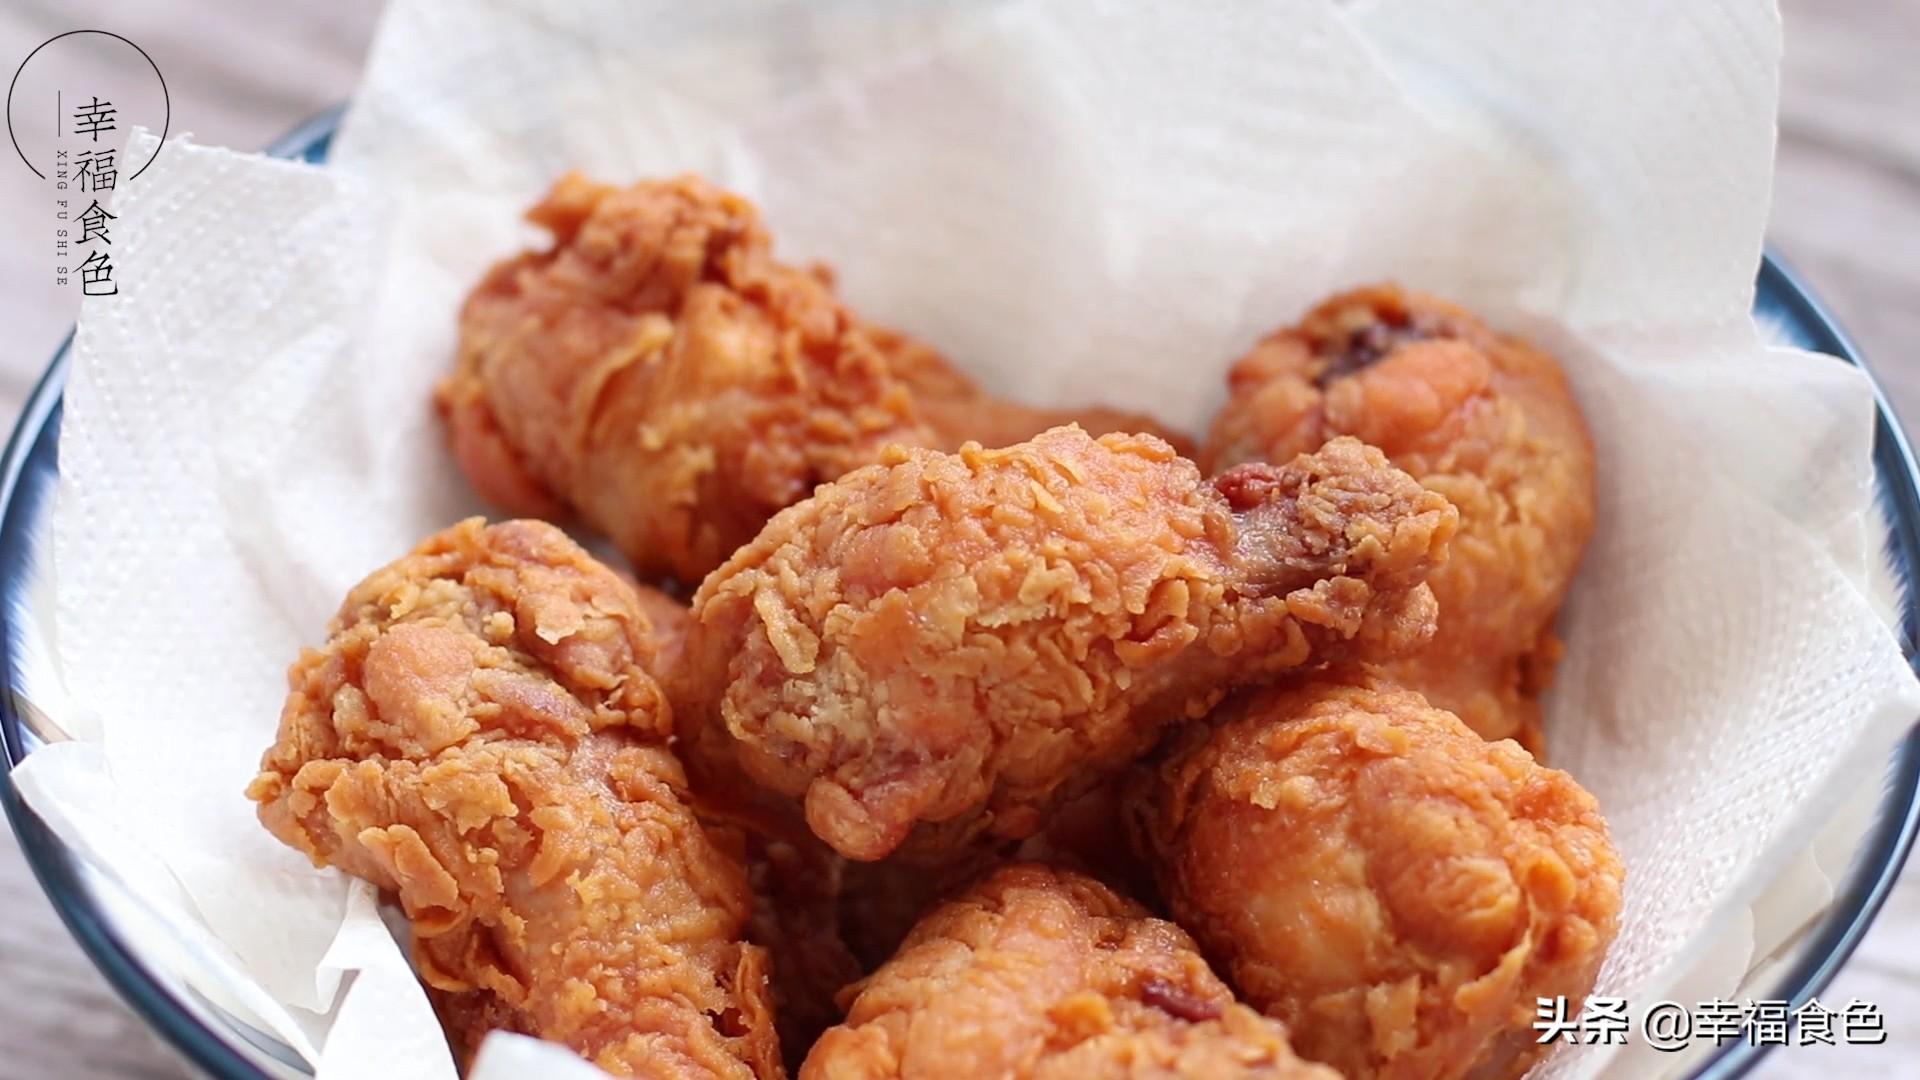 家庭版自制炸鸡腿,颜值与味道并存,过年来招待客人倍有面子